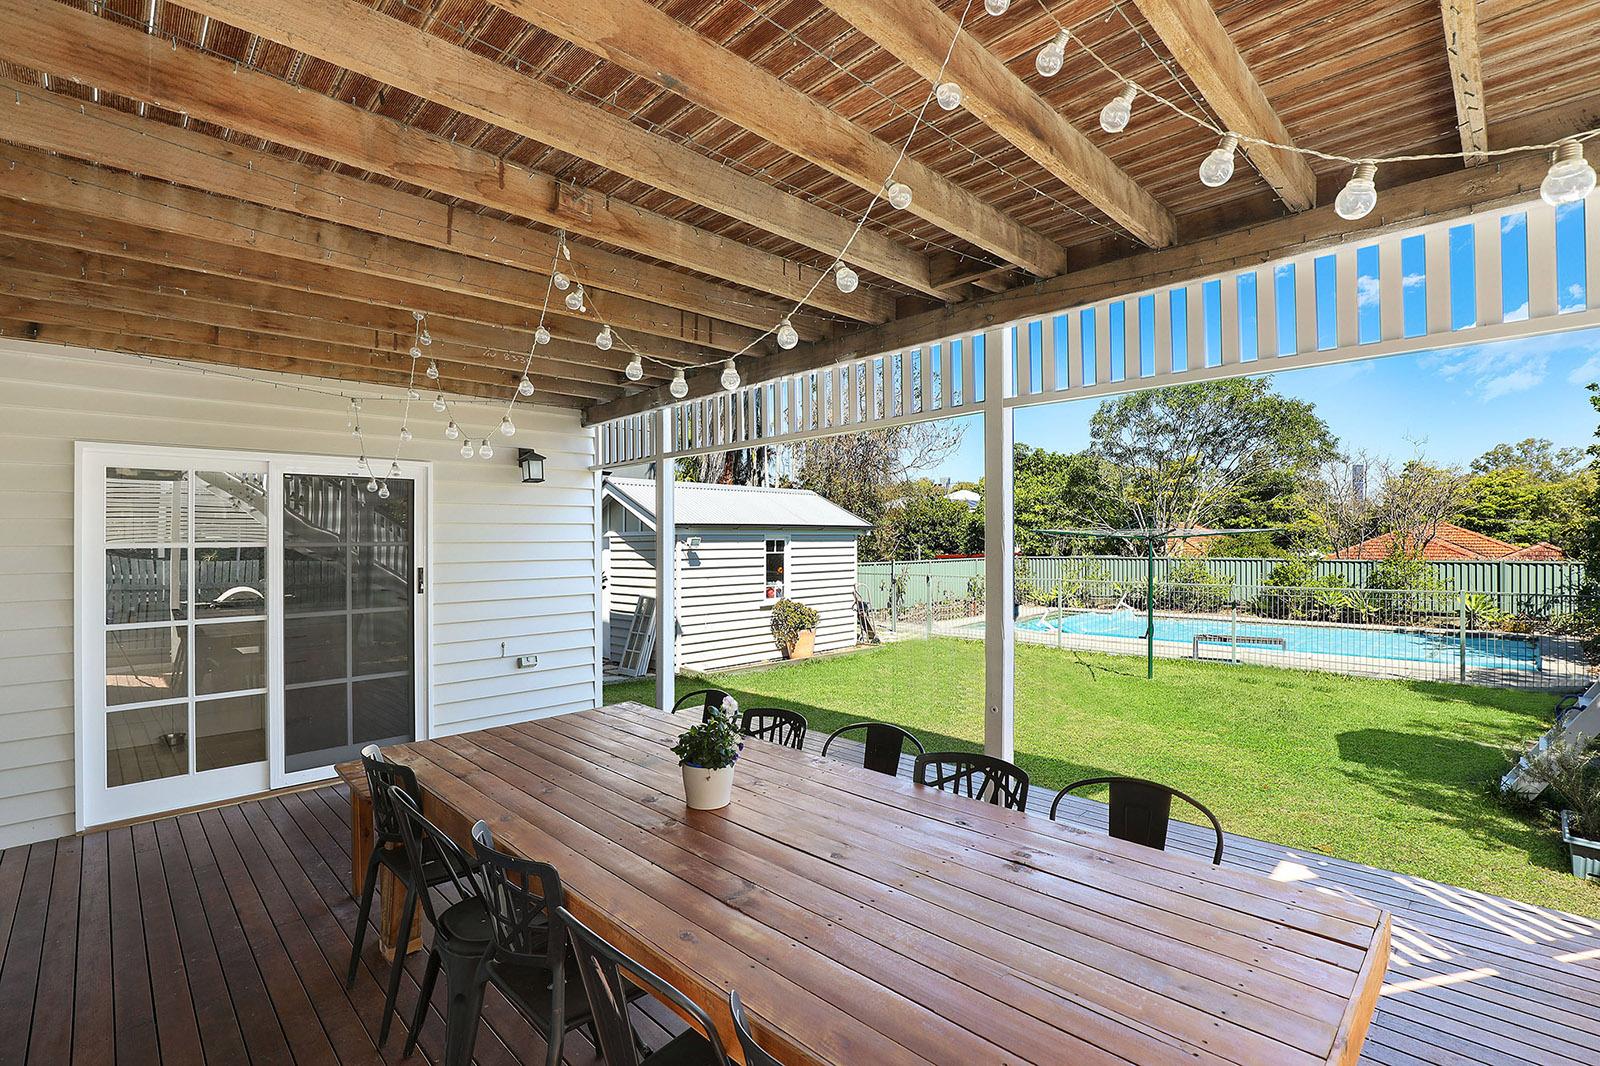 Une jolie terrasse en bois prend place sous un auvent. Une grande table rectanguaire en bois est entourée de chaises de jardin en métal. Au loin on voit une piscine entourée d'une pelouse verte.